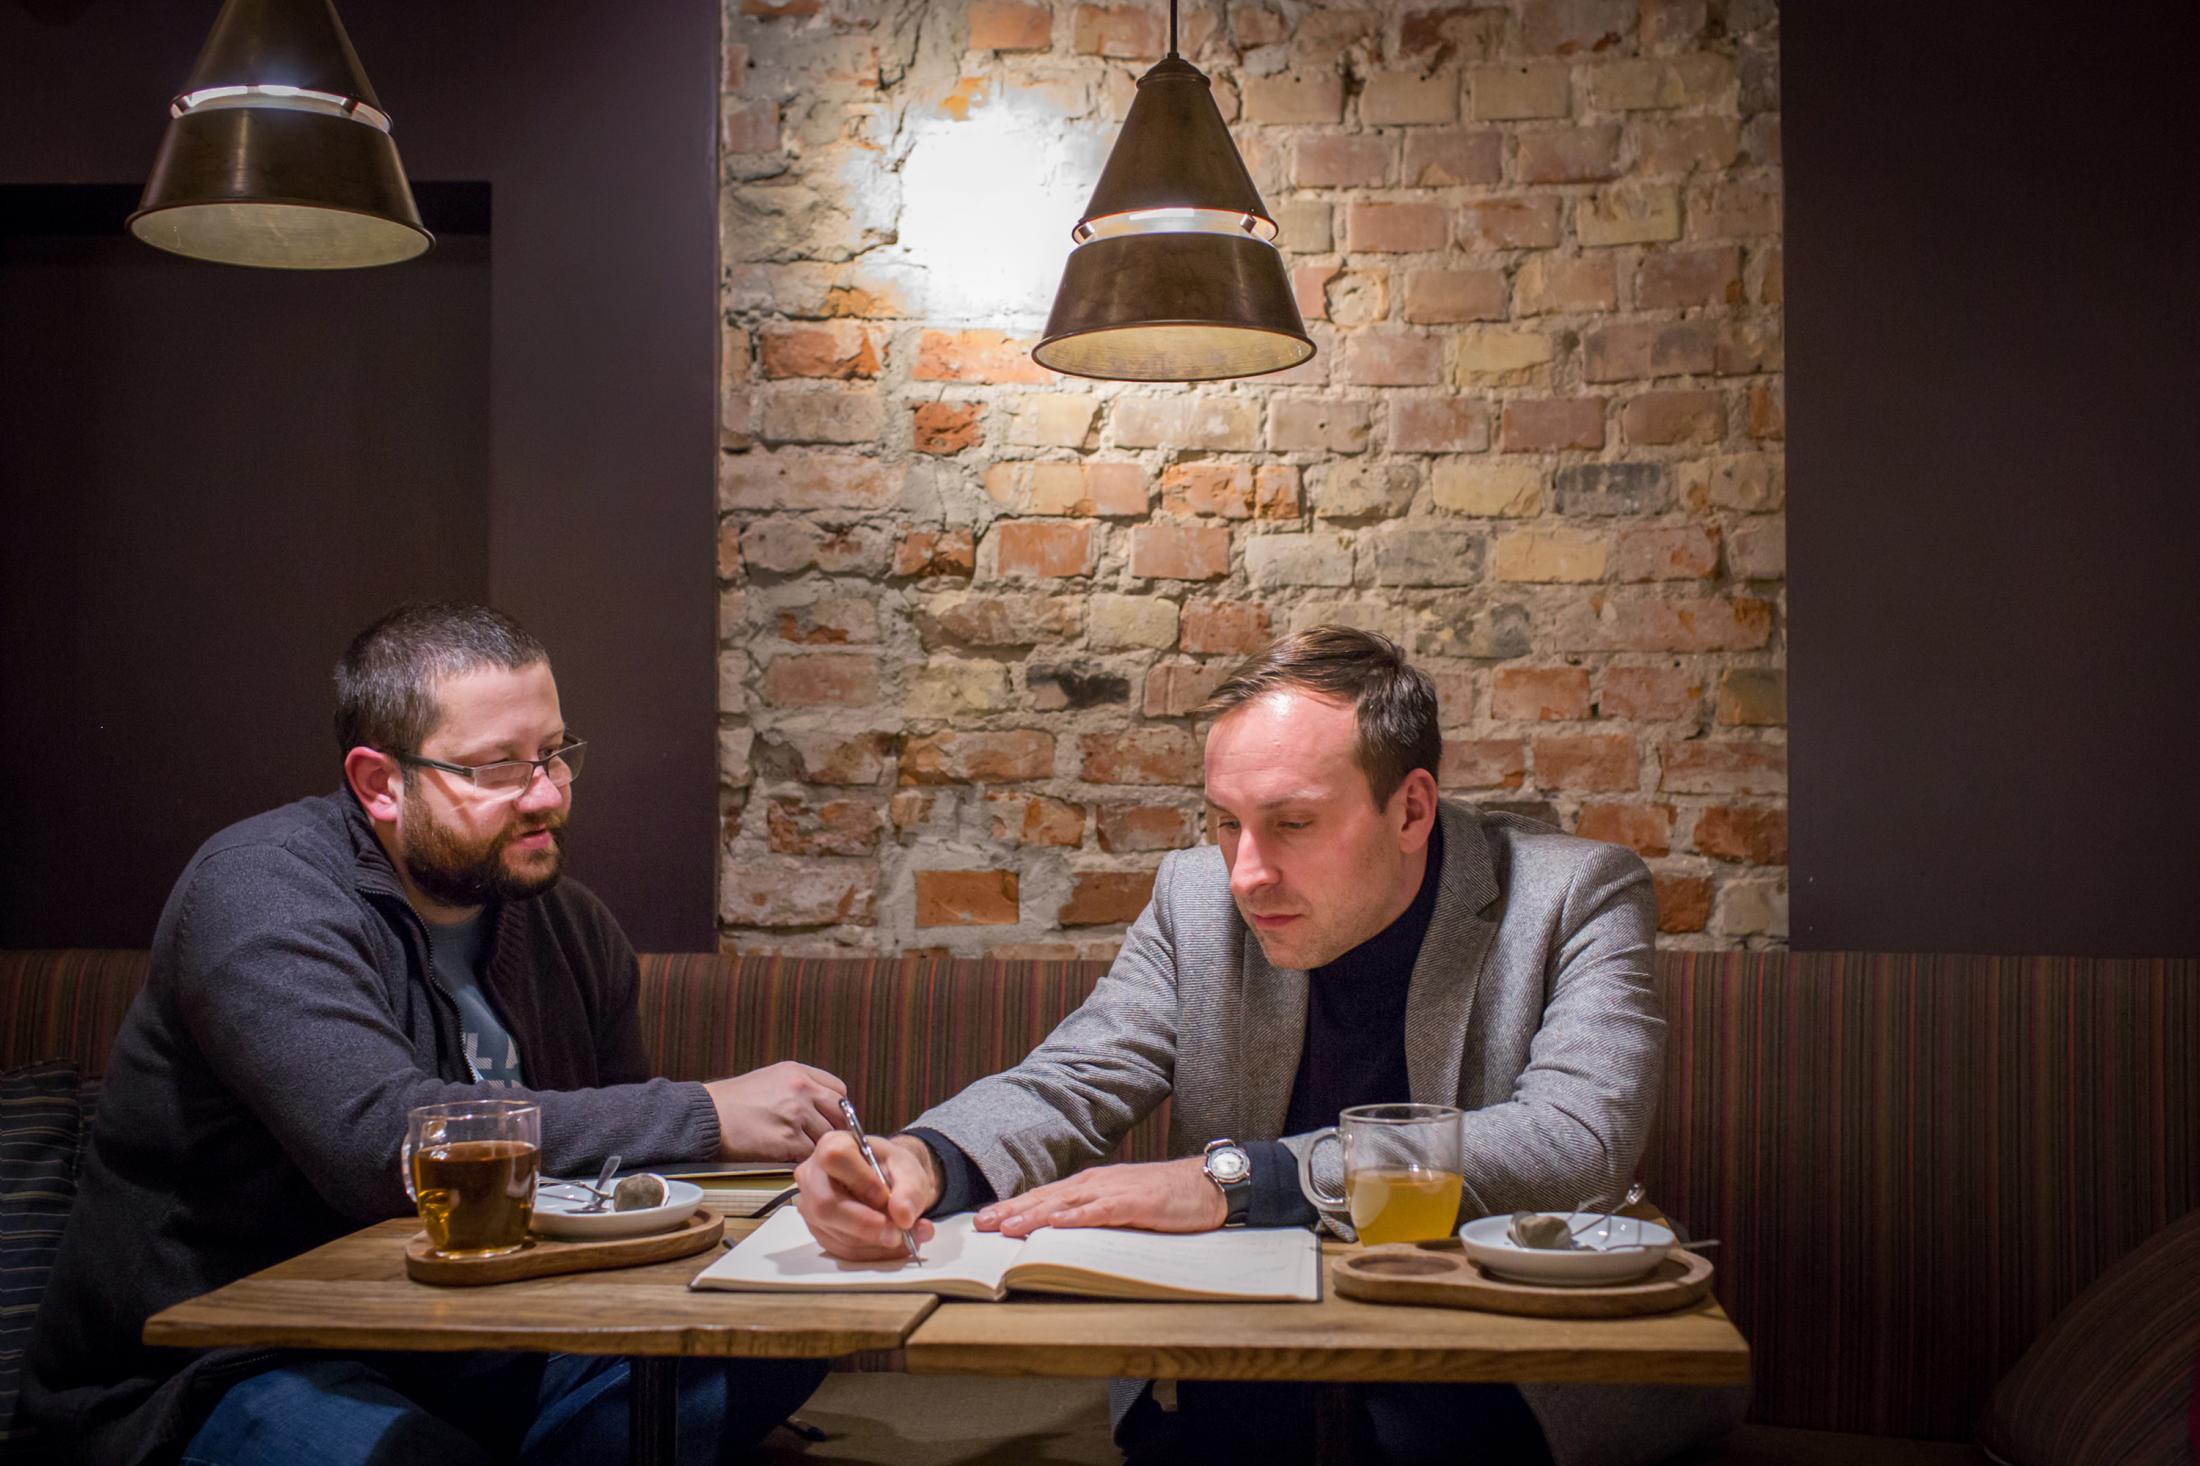 Mateusz Rossienik and Jarosław Trybuś